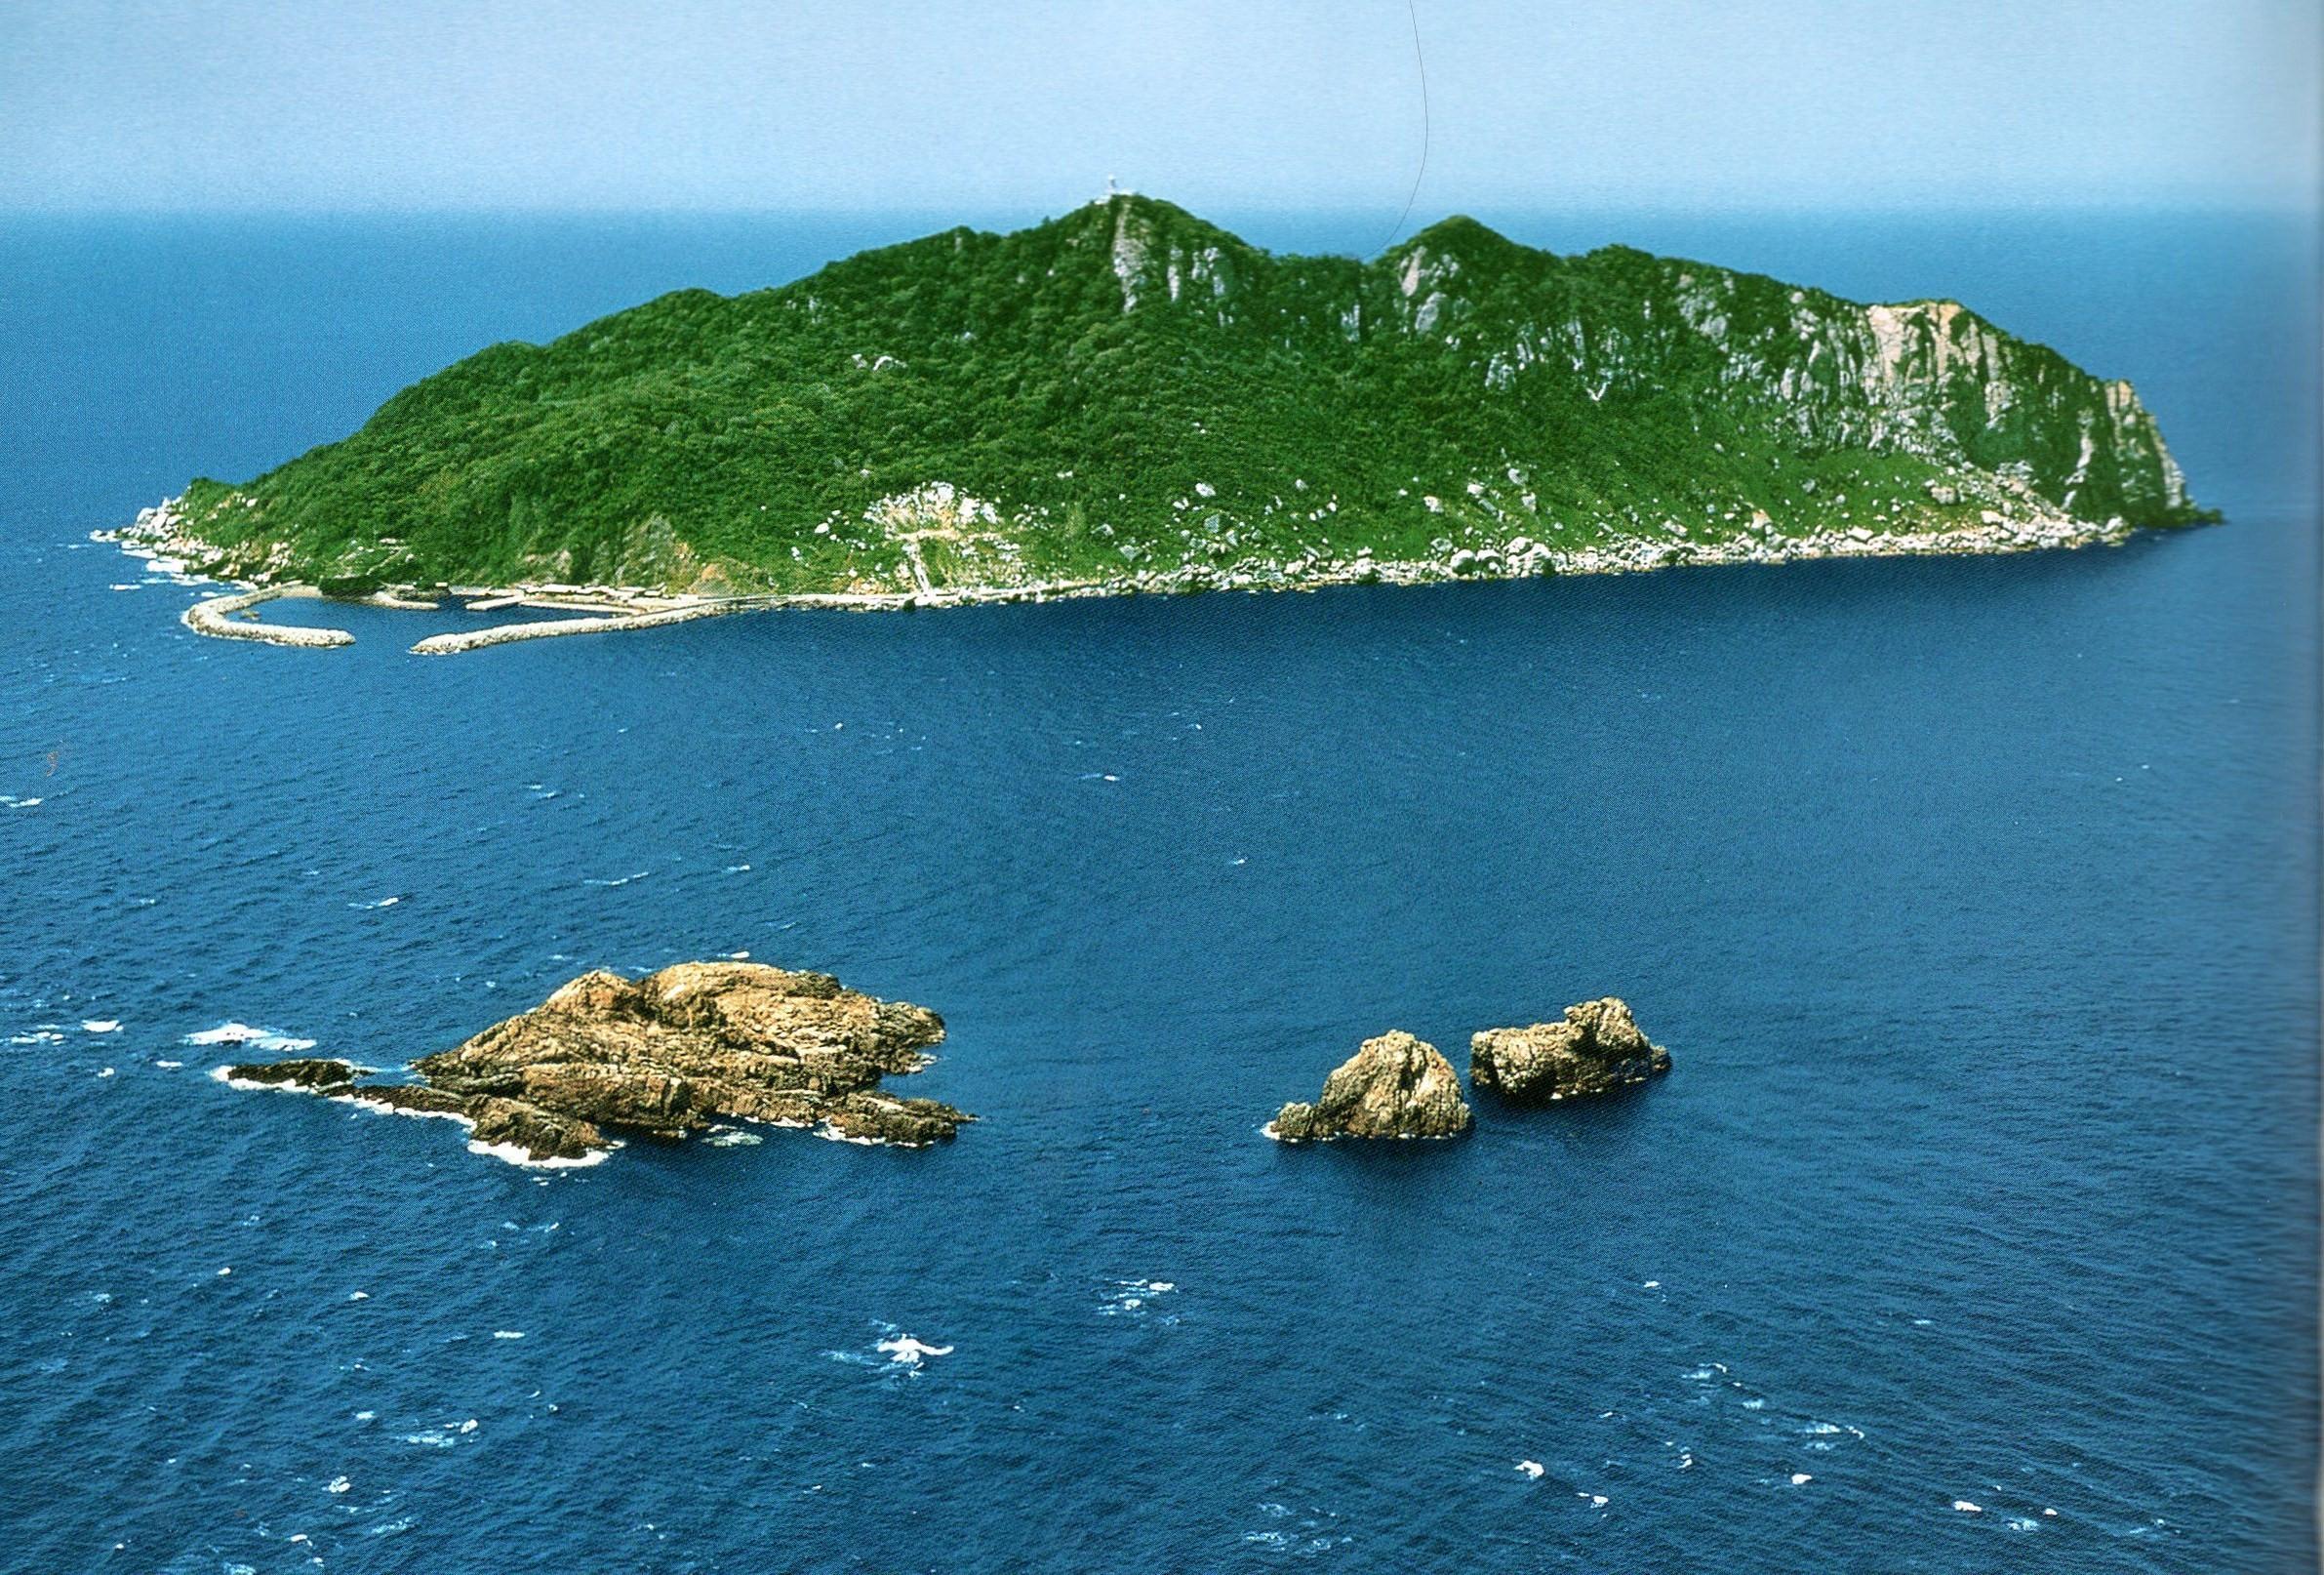 沖ノ島(福岡)への行き方と時間や乗船料金は?上陸申し込み方法も!